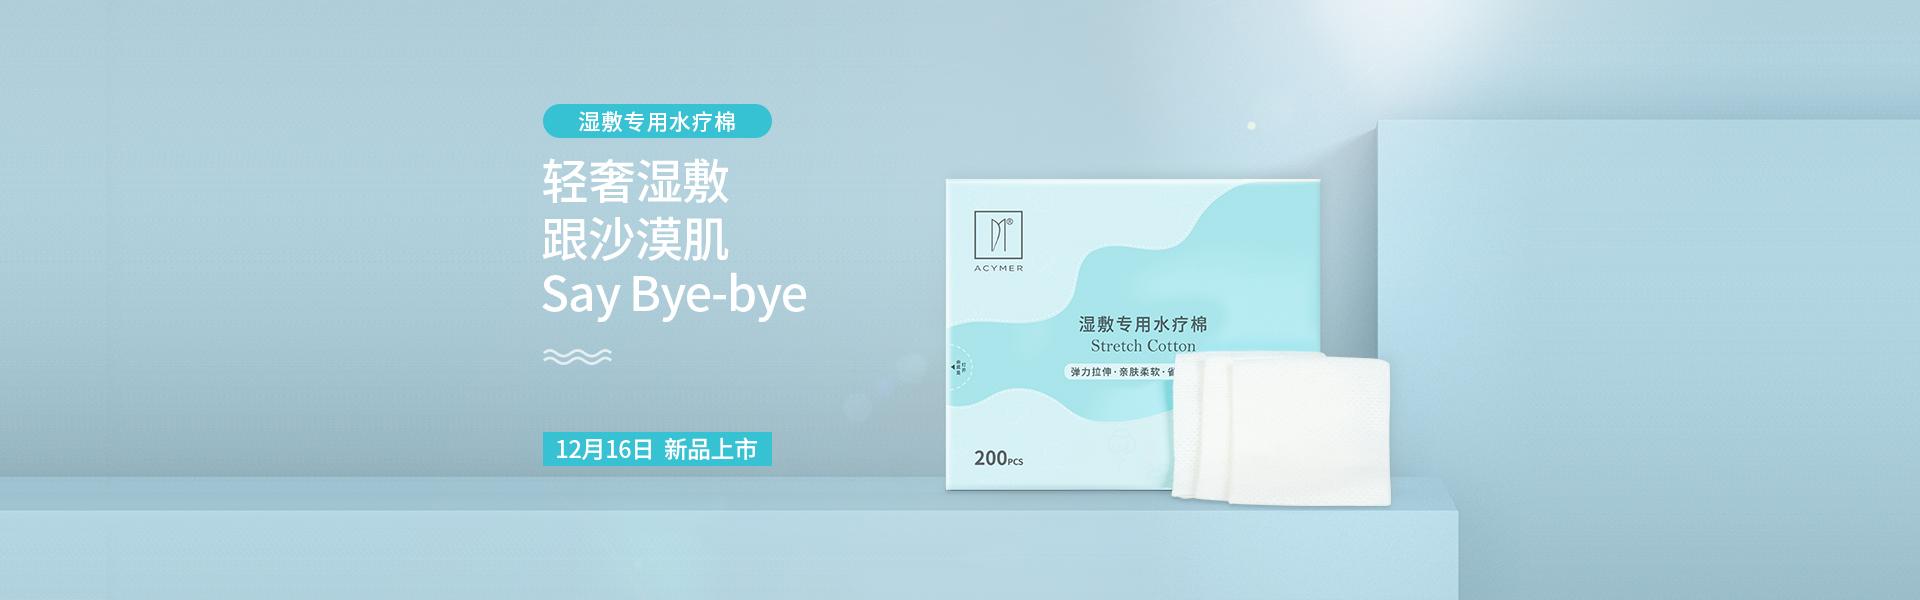 湿敷专用水疗棉